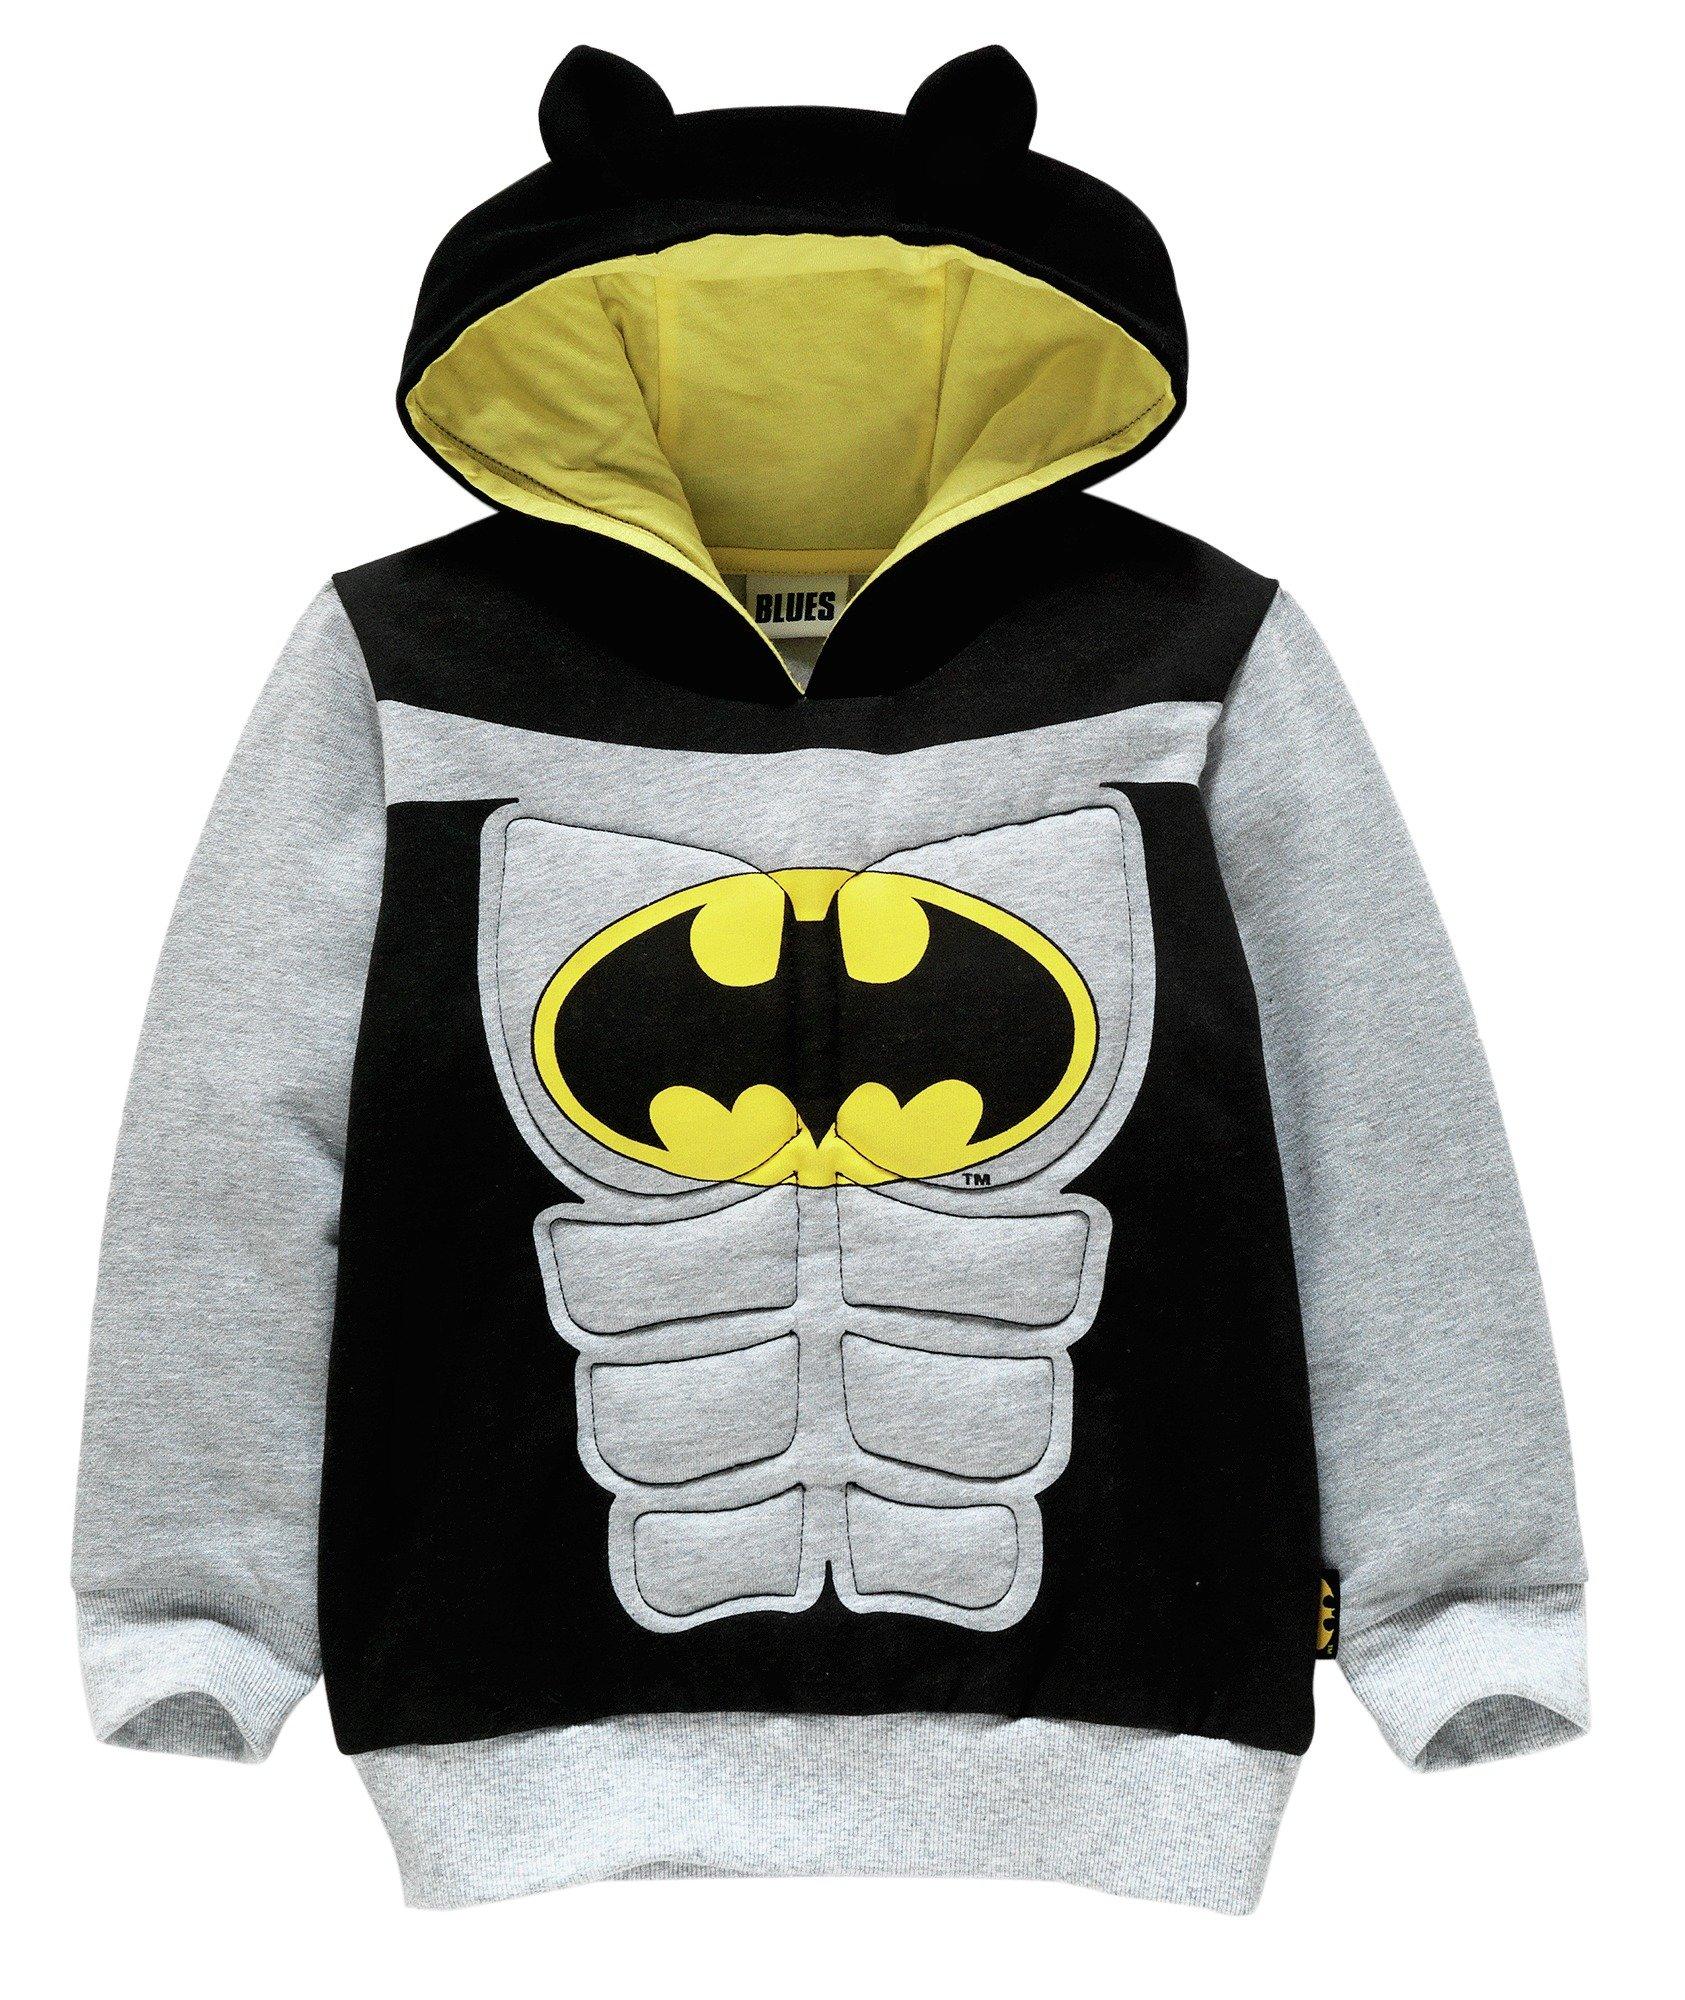 Image of Batman - Boys Muscle Hoodie - 3-4 Years